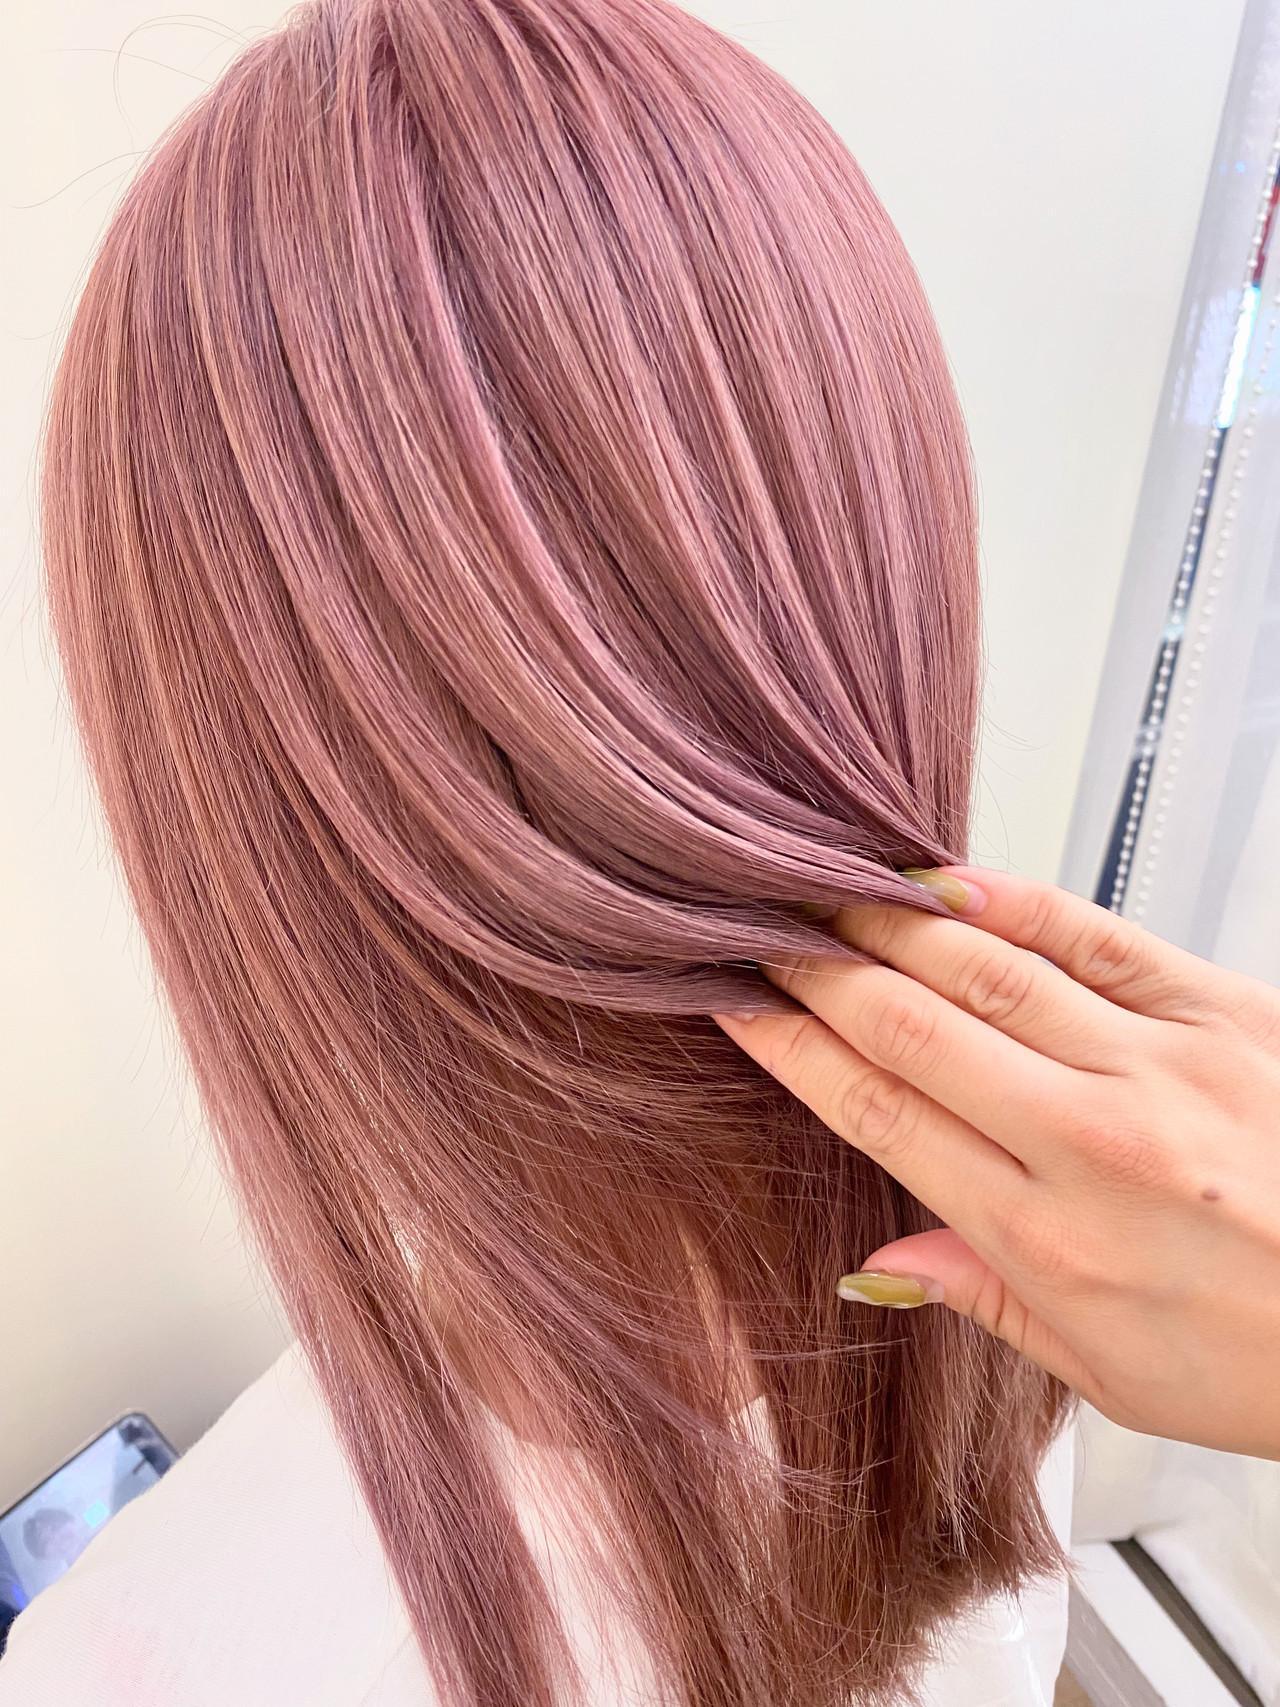 艶髪 ピンクラベンダー セミロング ピンクベージュ ヘアスタイルや髪型の写真・画像